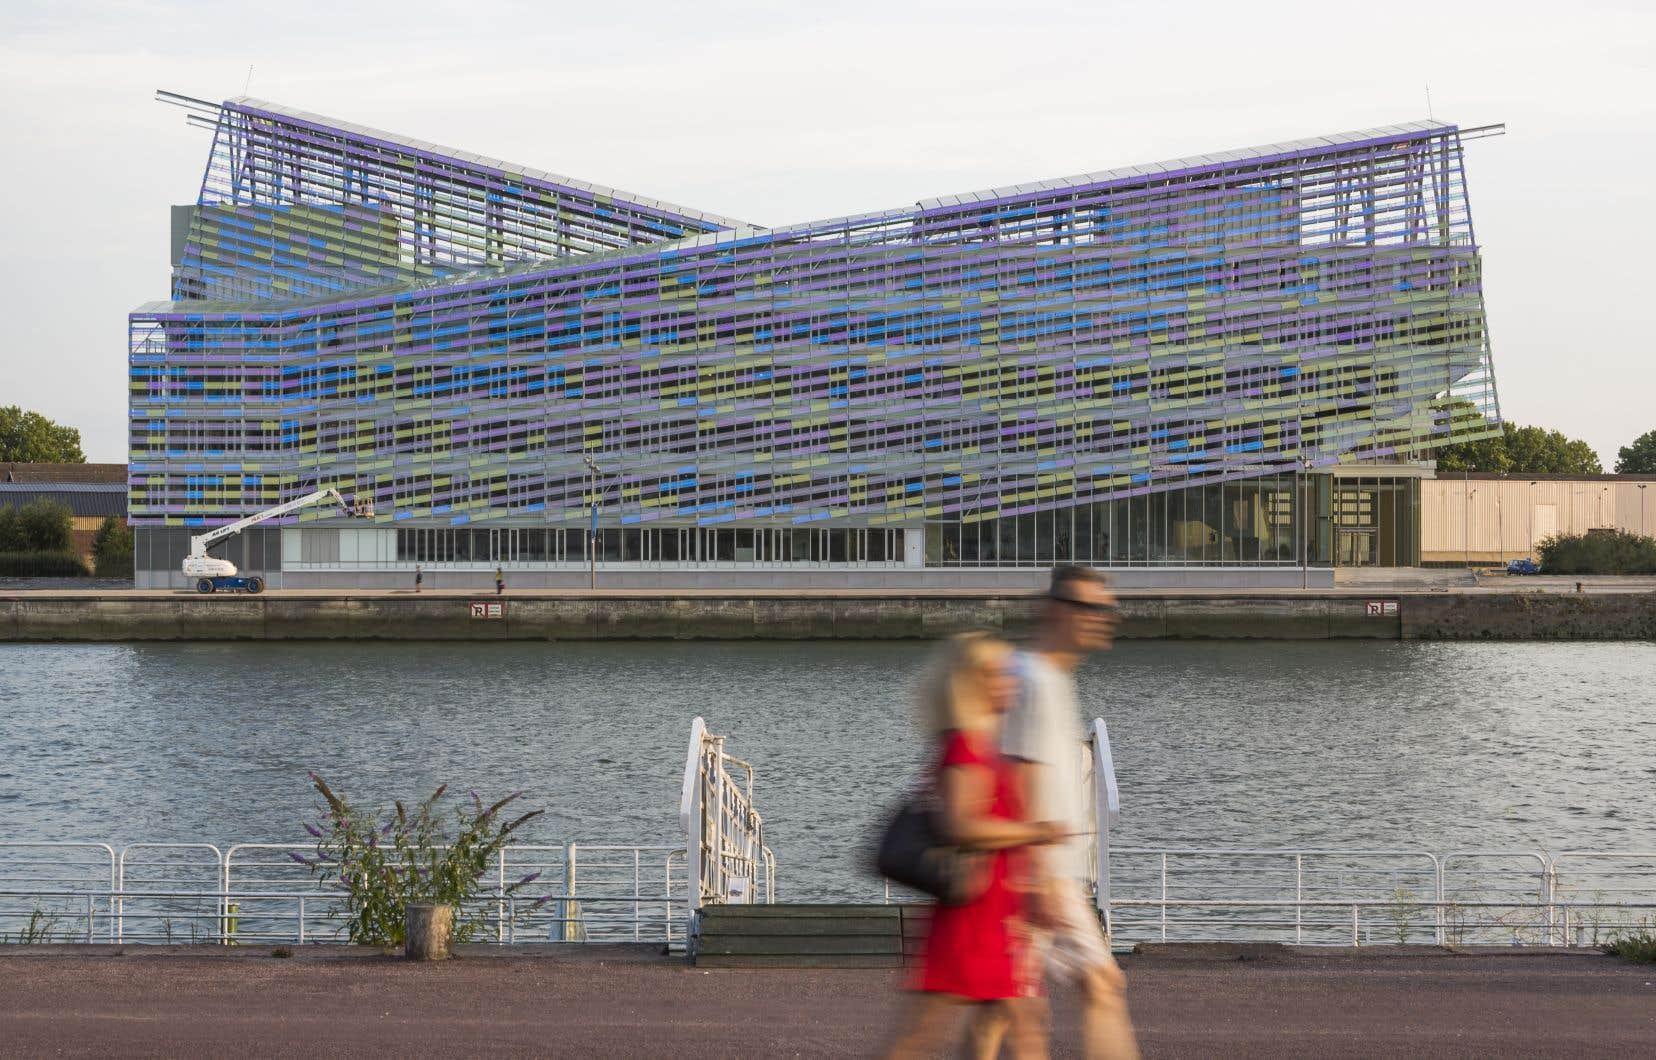 Inauguré en 2018, le projet vedette de l'expo, «siège de la Métropole Rouen Normandie», est qualifié de premier bâtiment public de France PassivHaus et à énergie zéro.